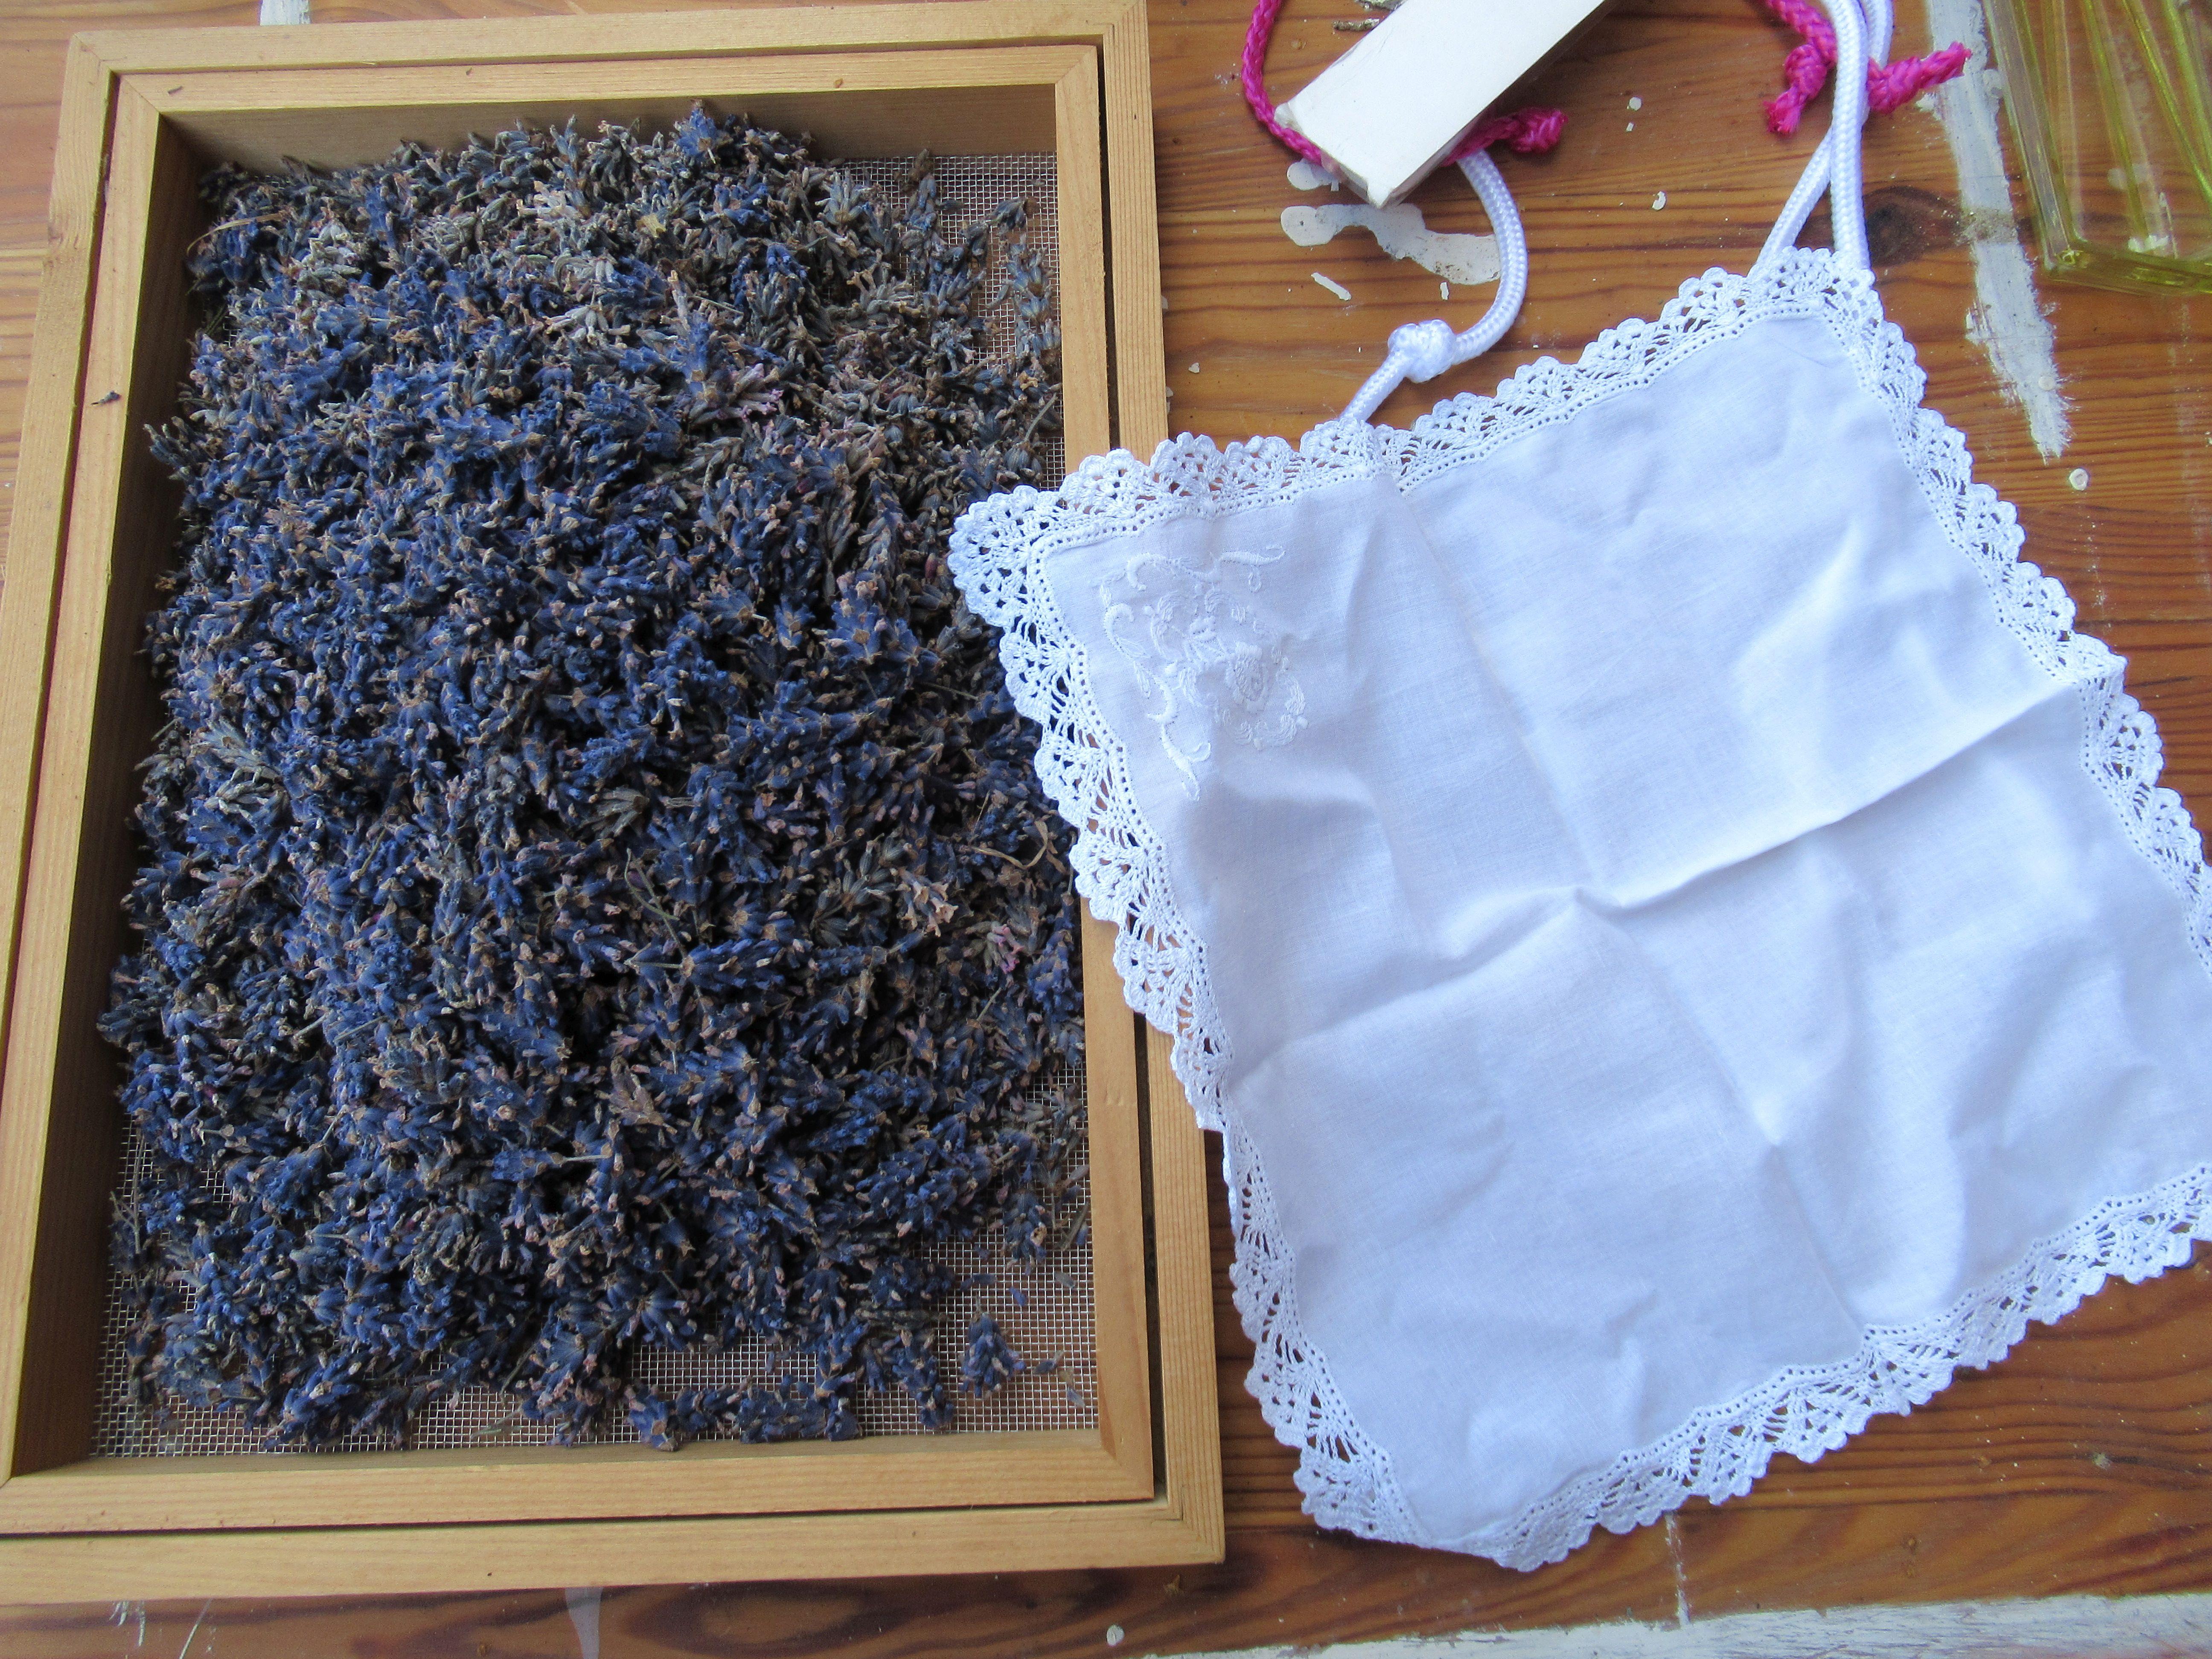 kleine Lavendelbündel im Spitzentaschentuch für den Wäscheschrank